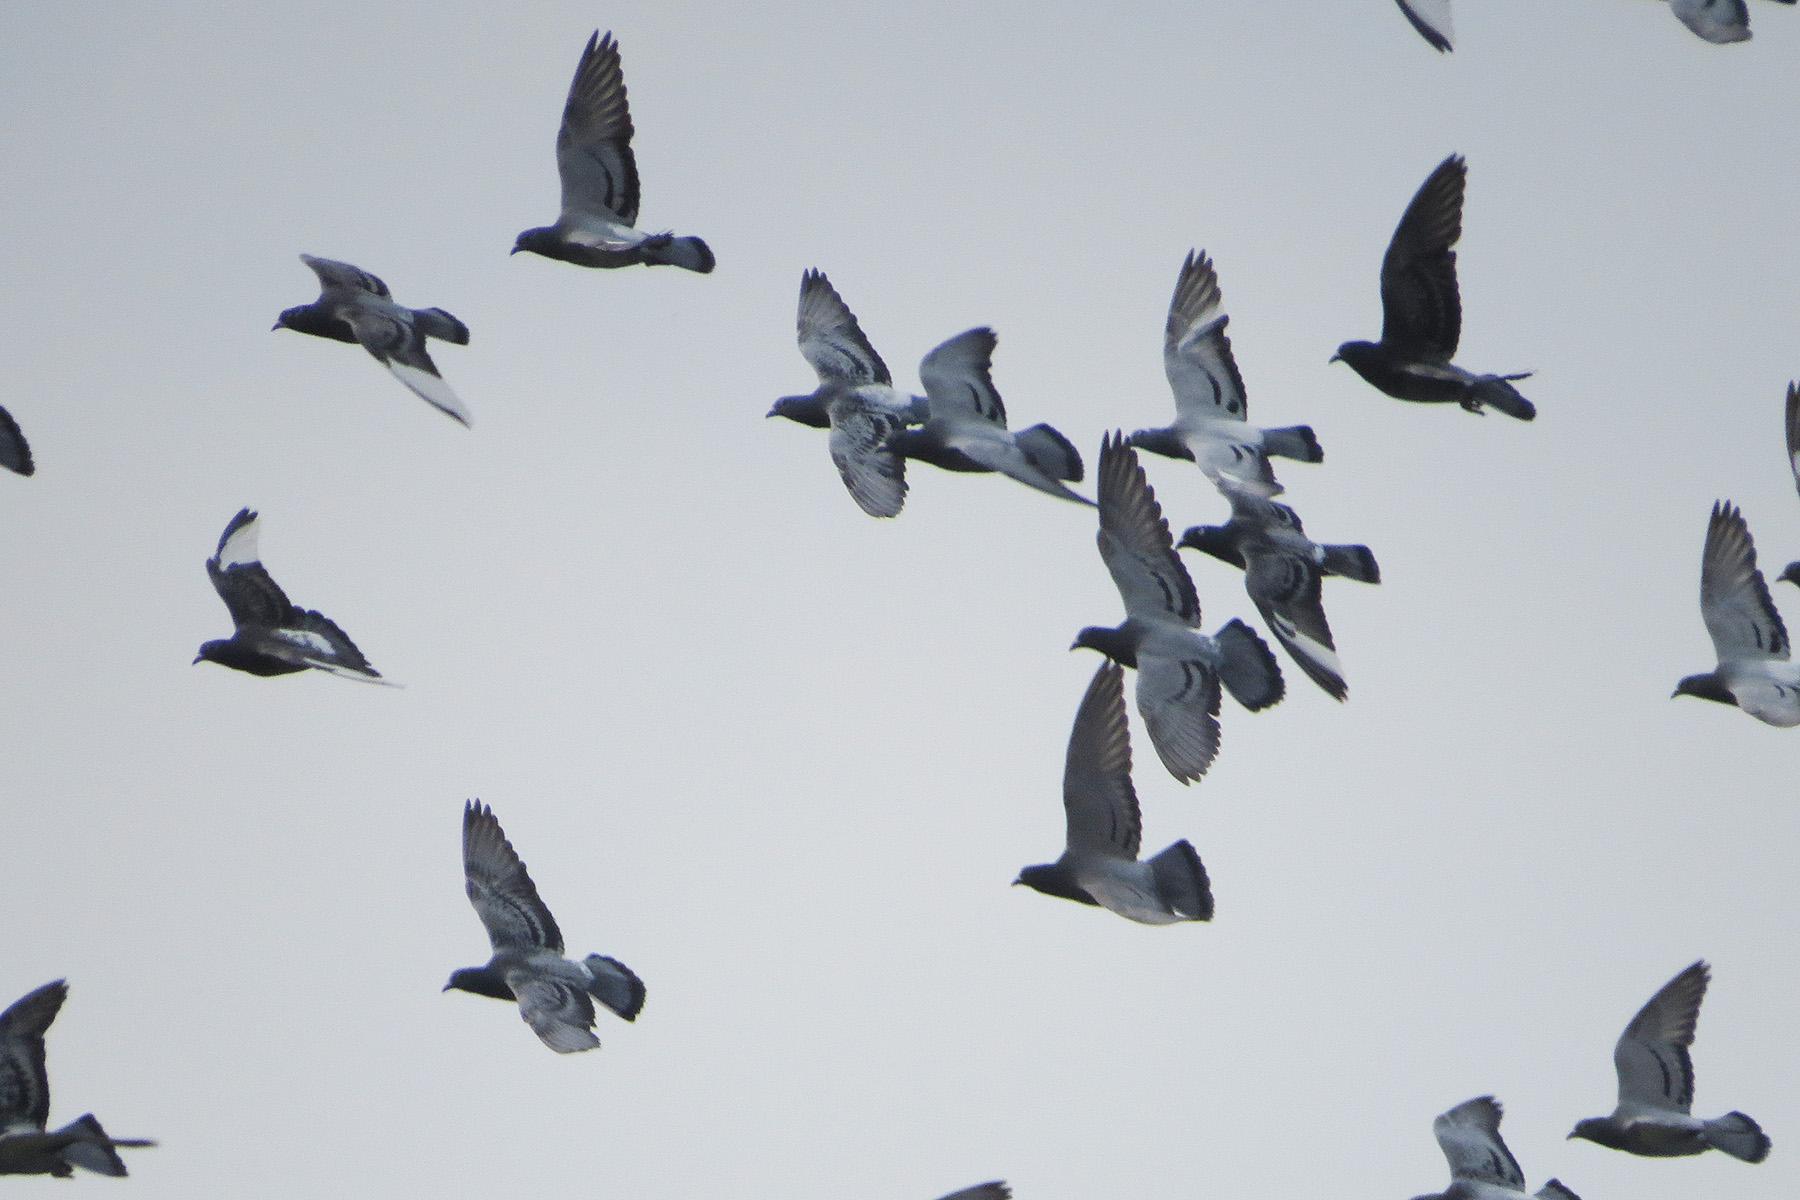 カワラバト群翔